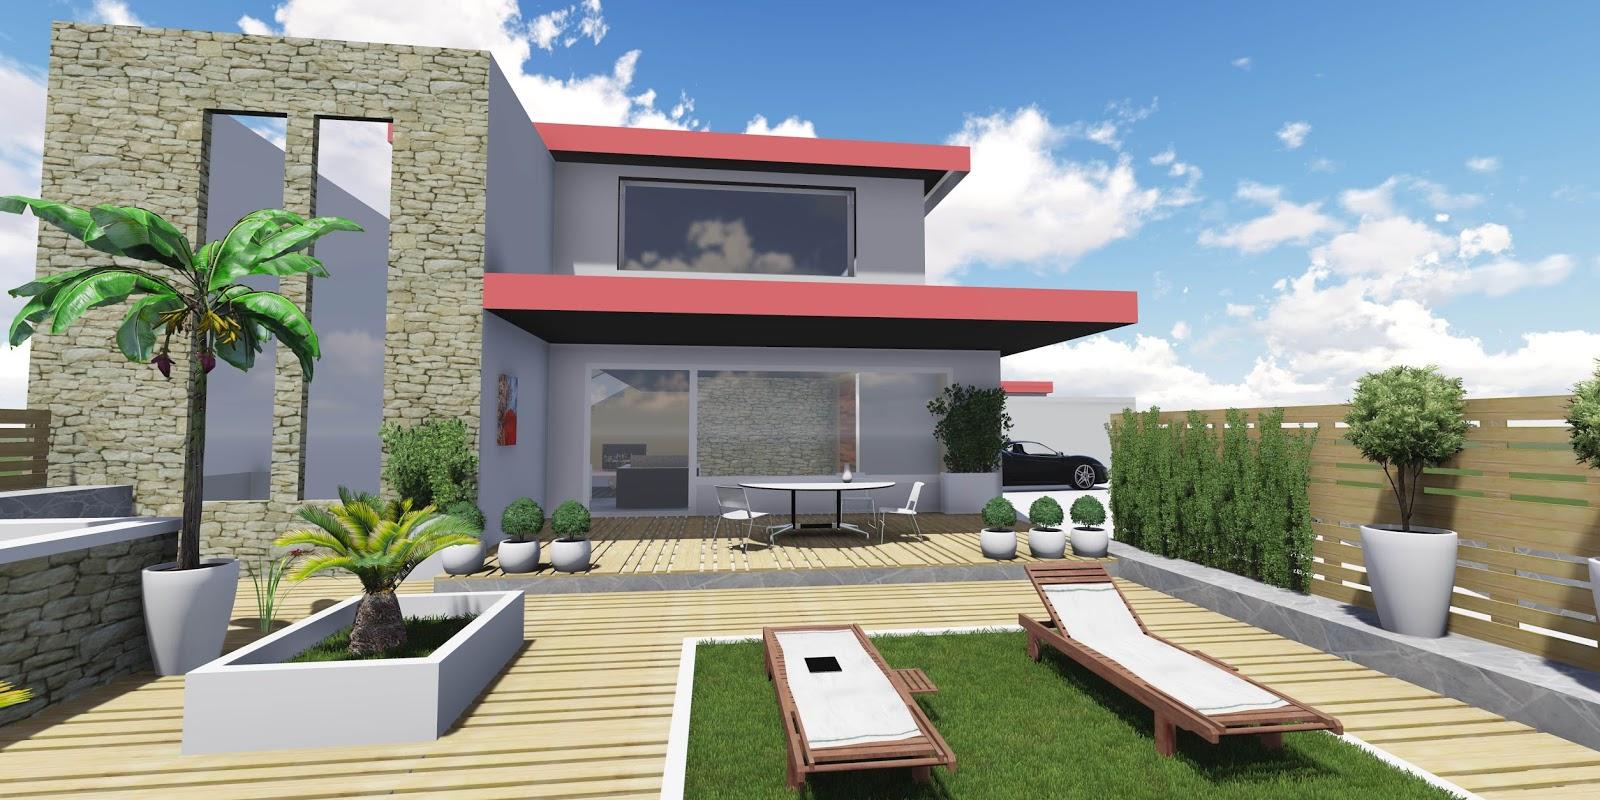 Favorito Progettare spazi verdi: Progettazione online giardini e terrazzi  SP38